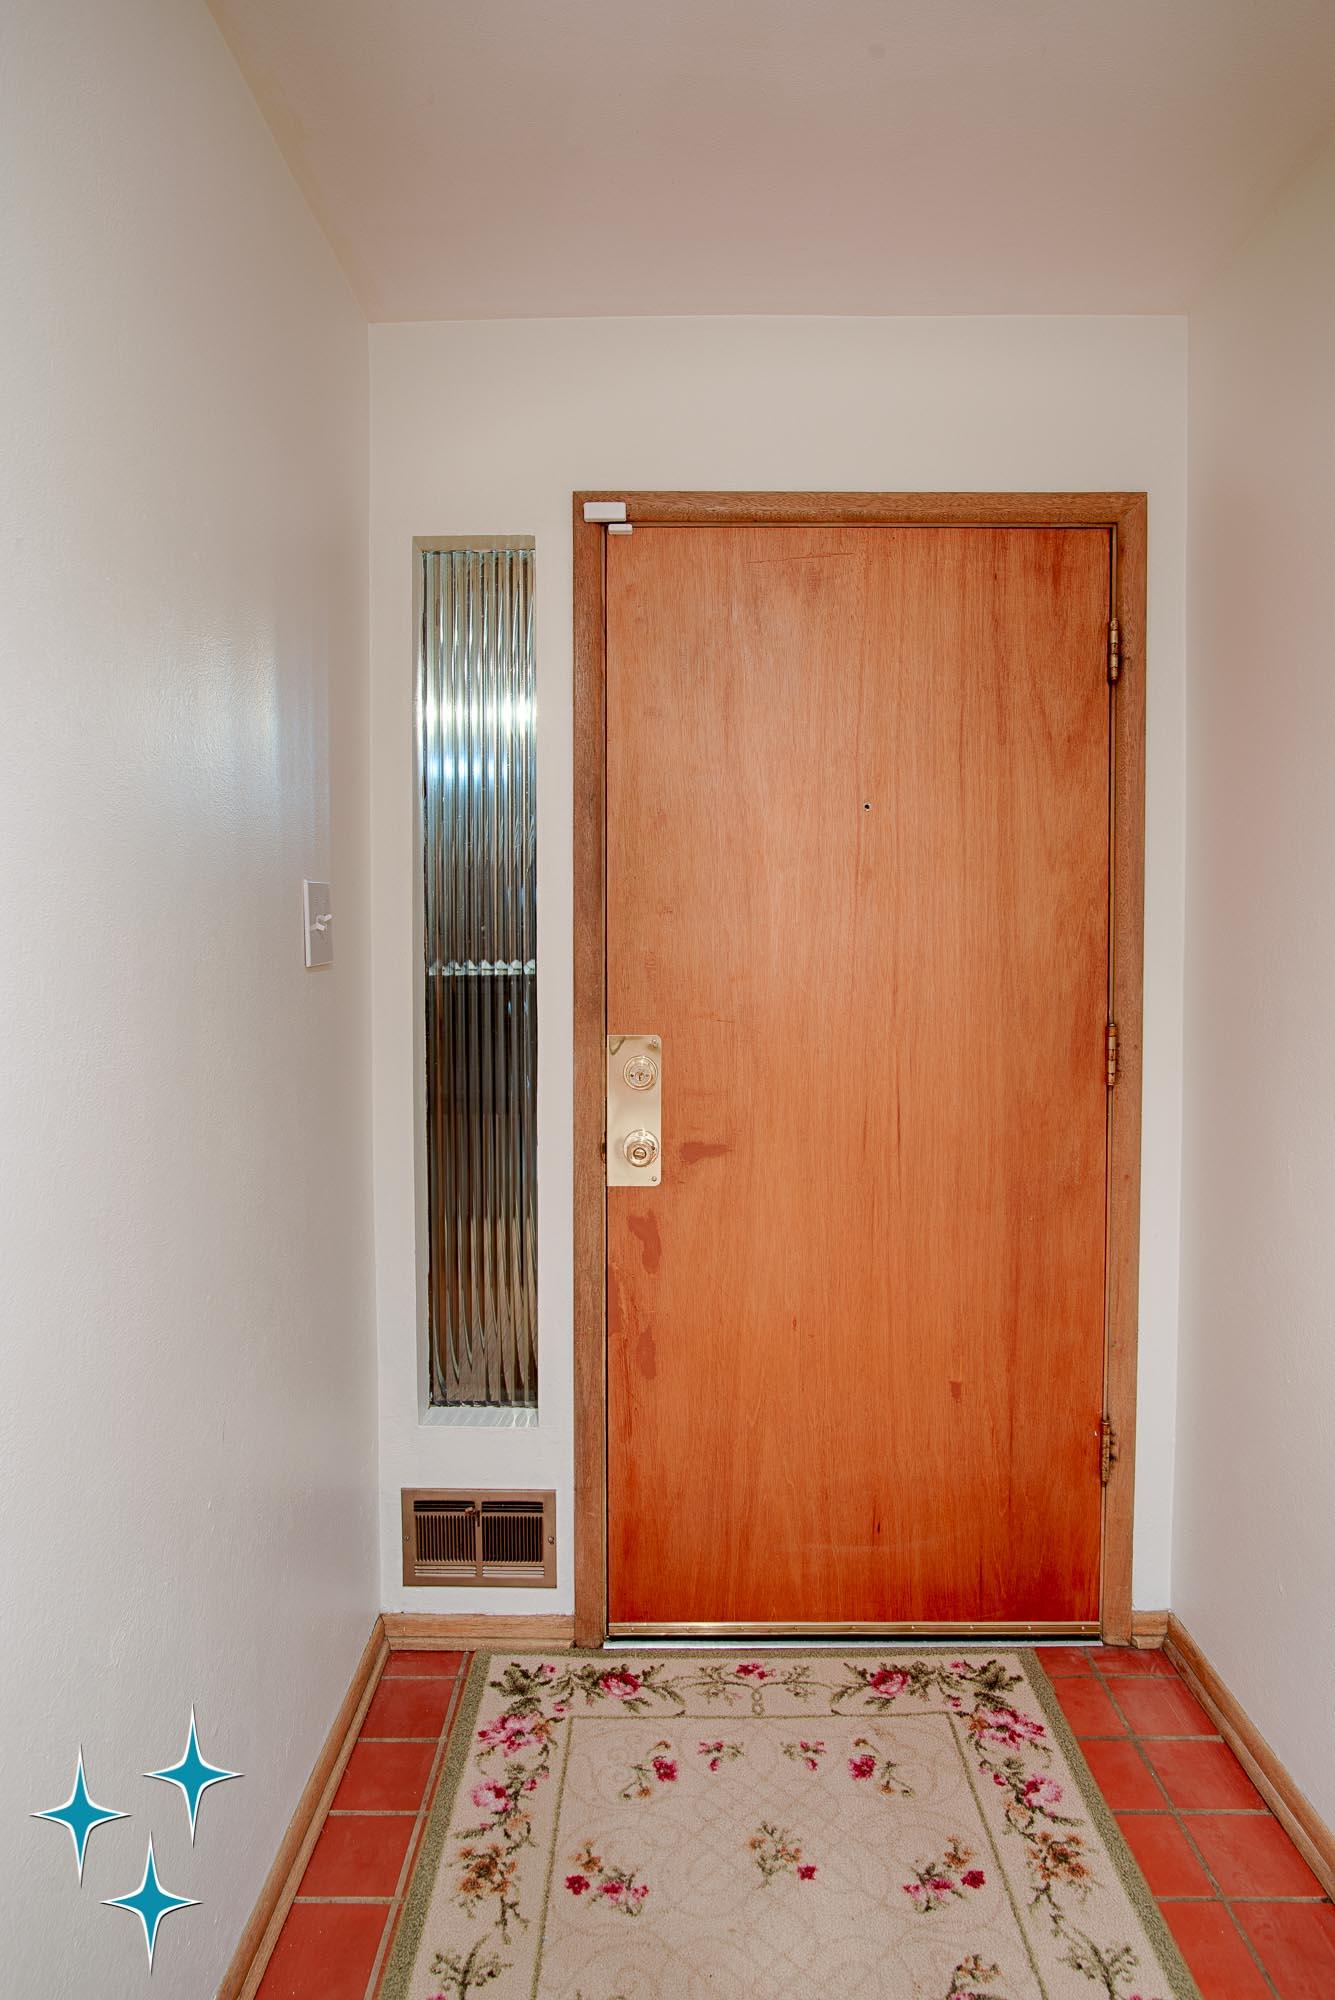 Adrian-Kinney-4155-W-Iliff-Avenue-Denver-r-Carey-Holiday-Home-2000w50-3SWM-18.jpg